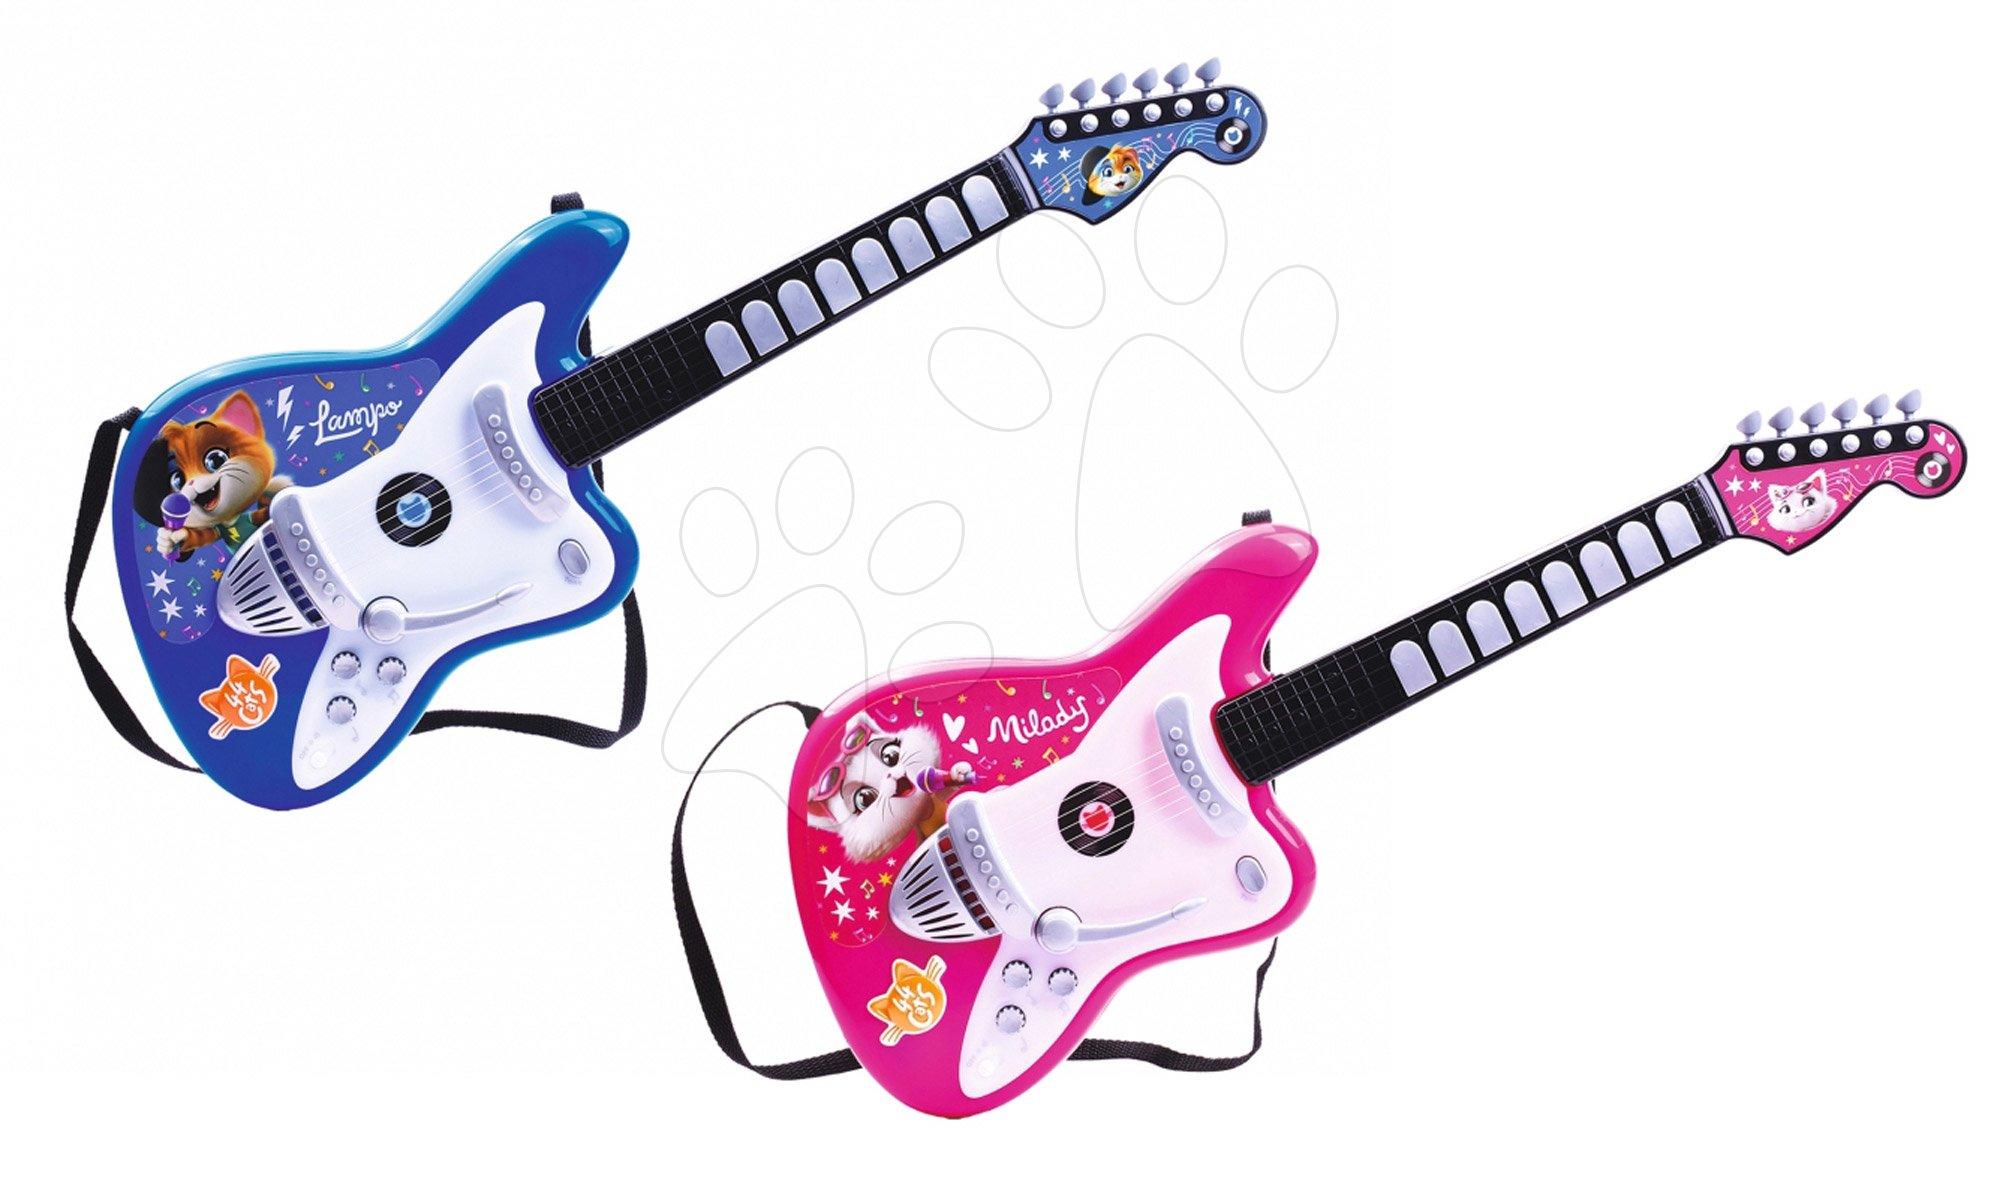 Set kytary a baskytary 44 Cats Smoby modrá a růžová s množstvím světelných a zvukových funkcí od 5 l